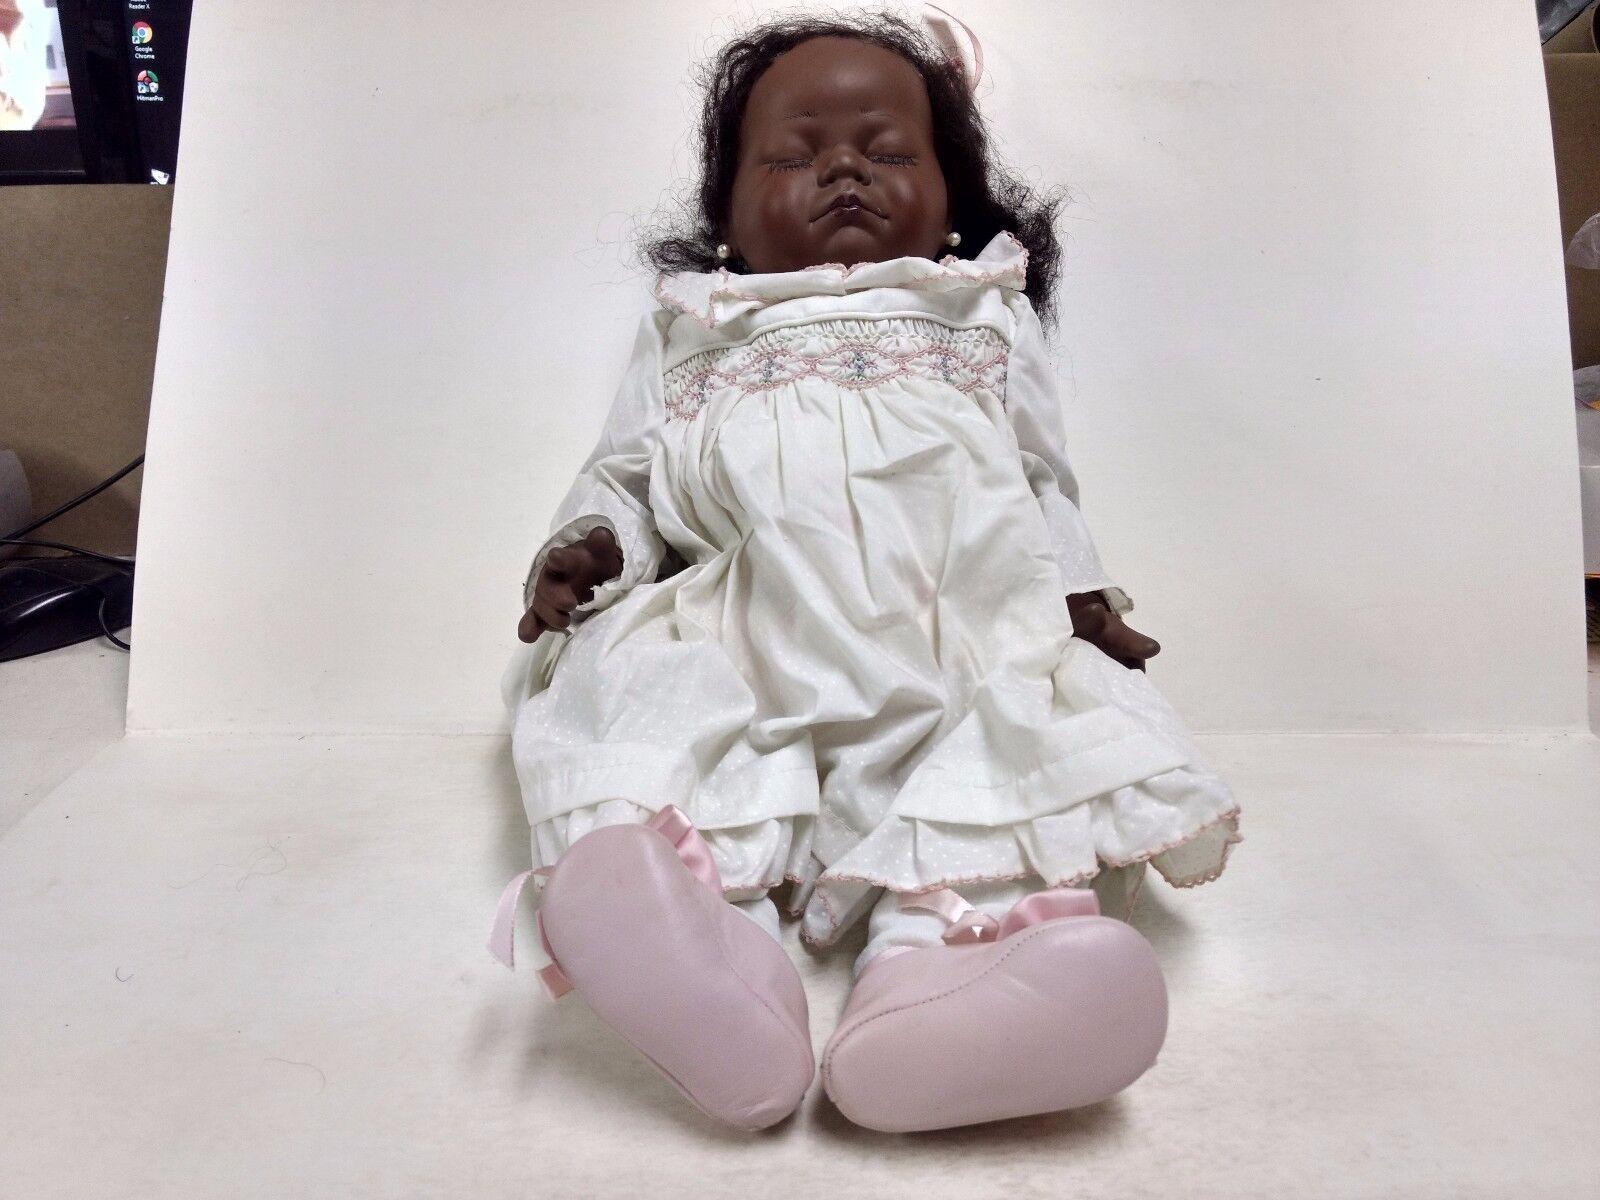 Atemberaubend Baby Porzellan Puppe Perle Ohrring Weiß Kleid von Karen Sleepy